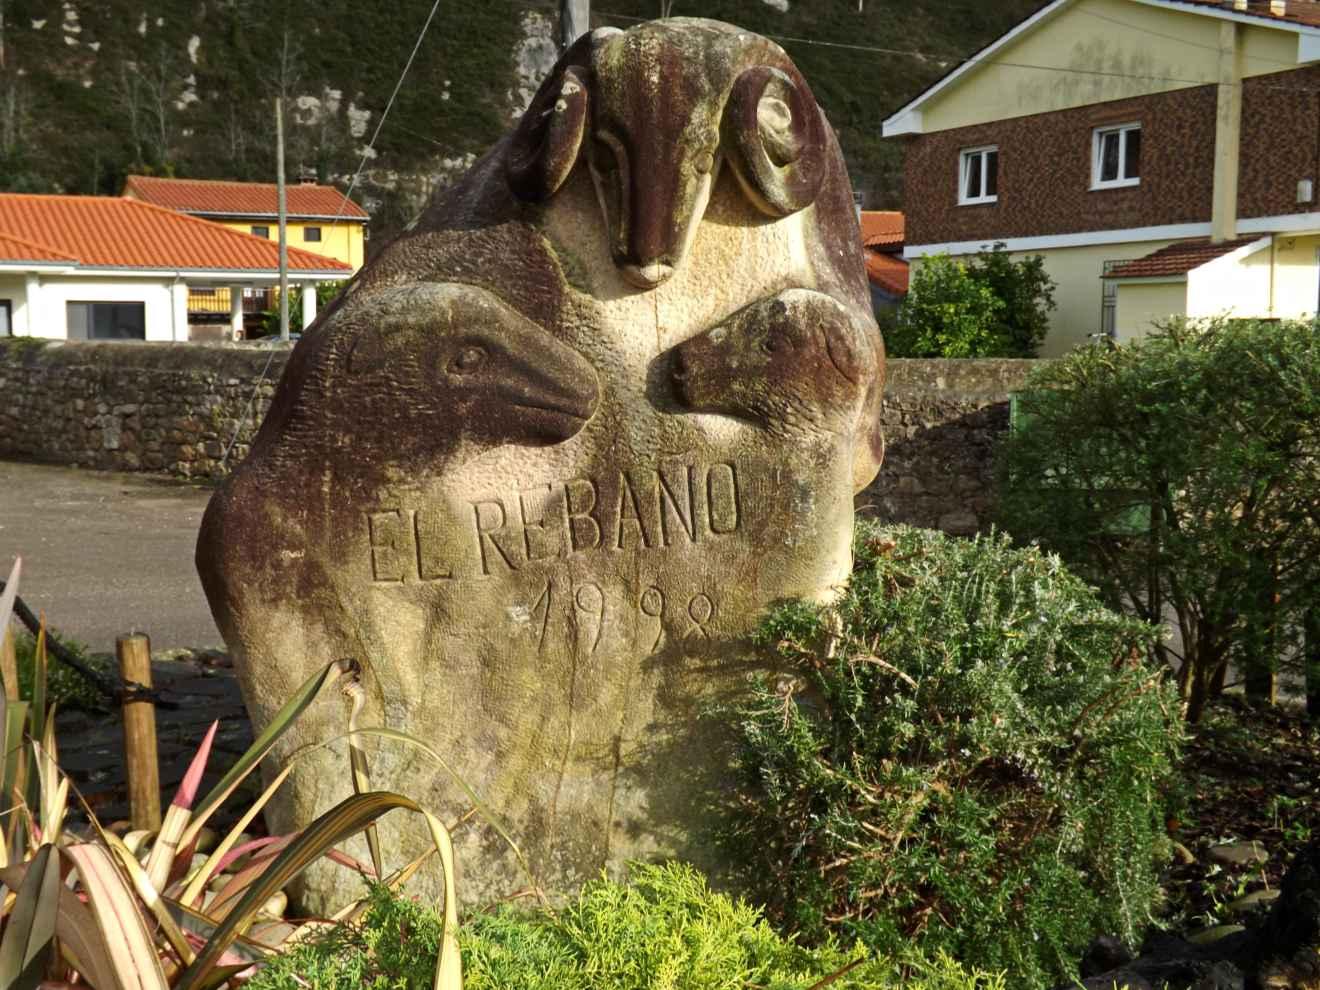 Monumento al rebaño en Casar